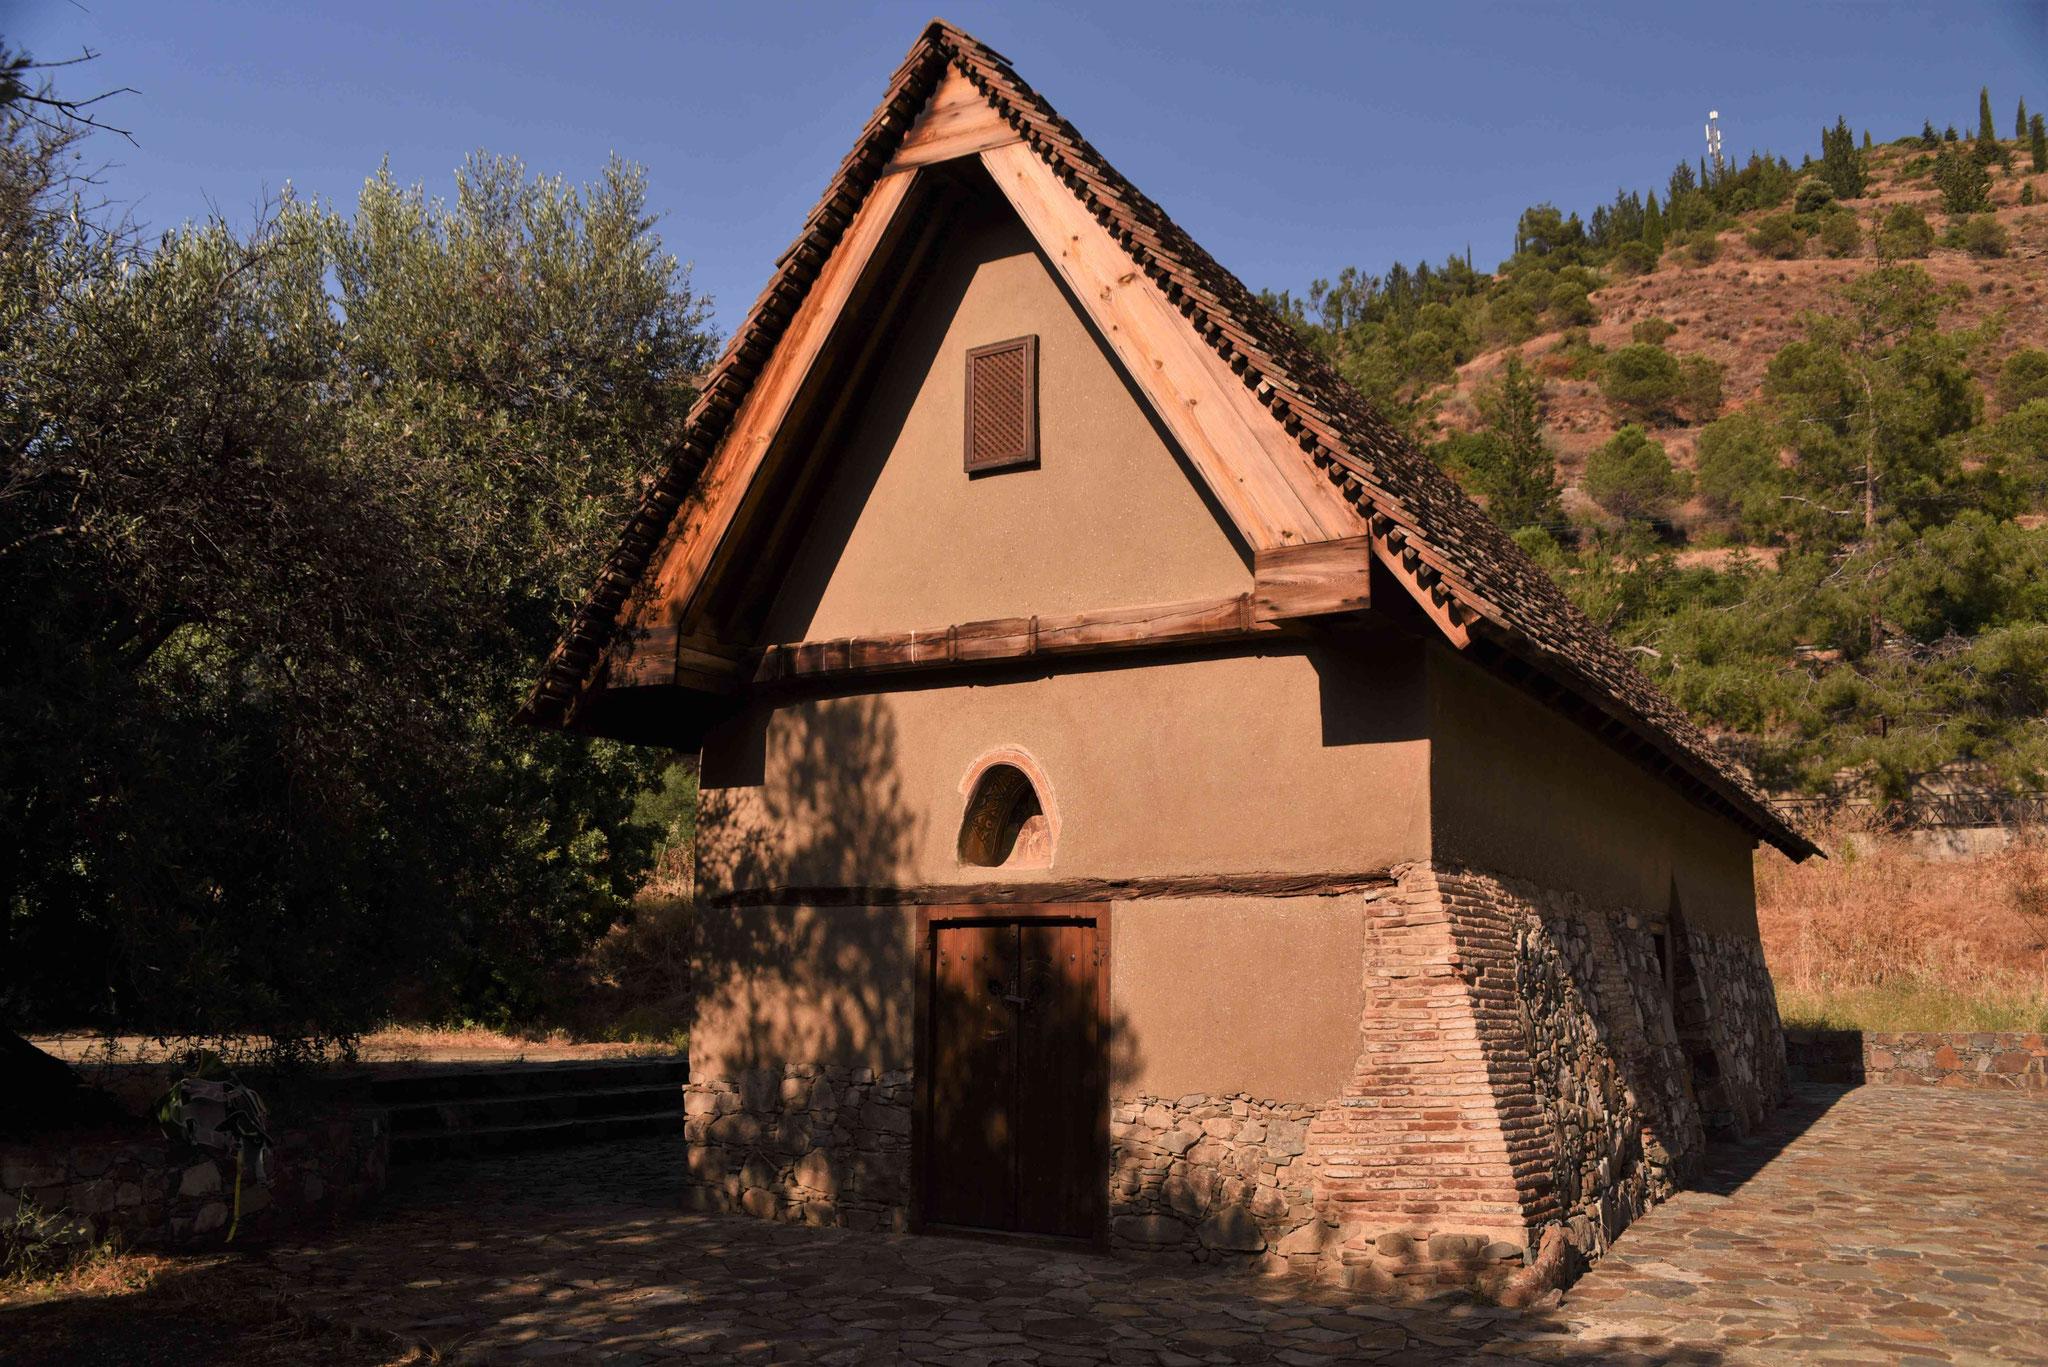 Wenige hundert Meter entfernt eine weitere Scheunendachkirche